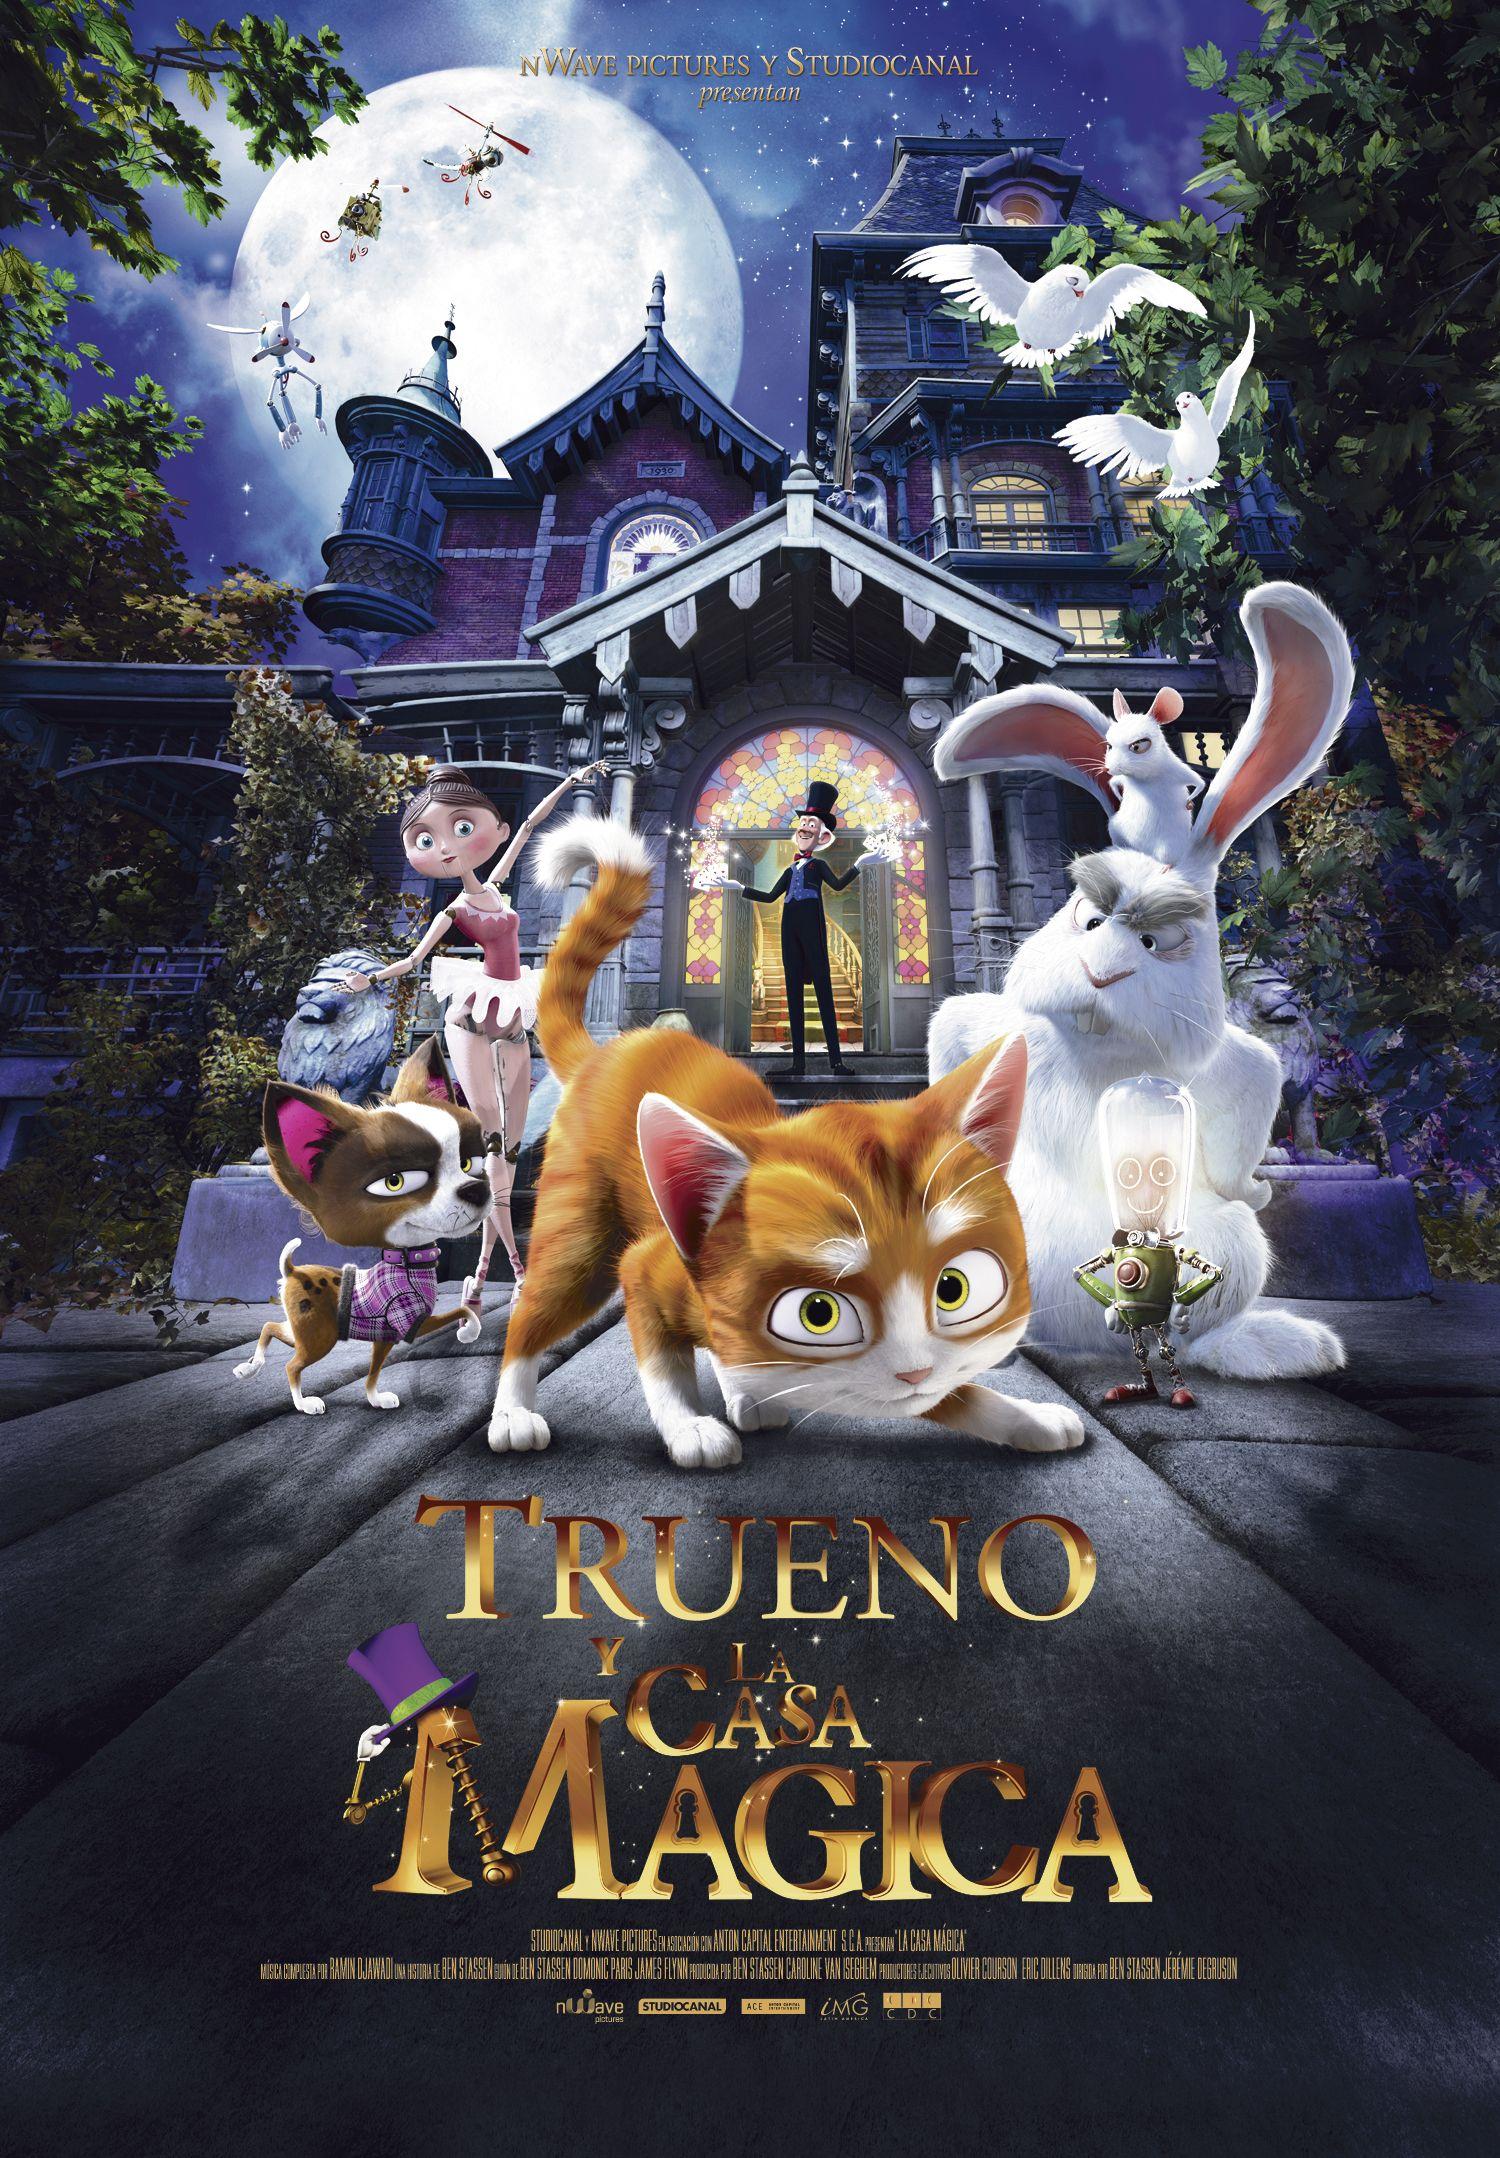 Pin De Ultracine En Estrenos El Mirador Peliculas Animadas De Disney Cine Para Ninos Peliculas De Animacion